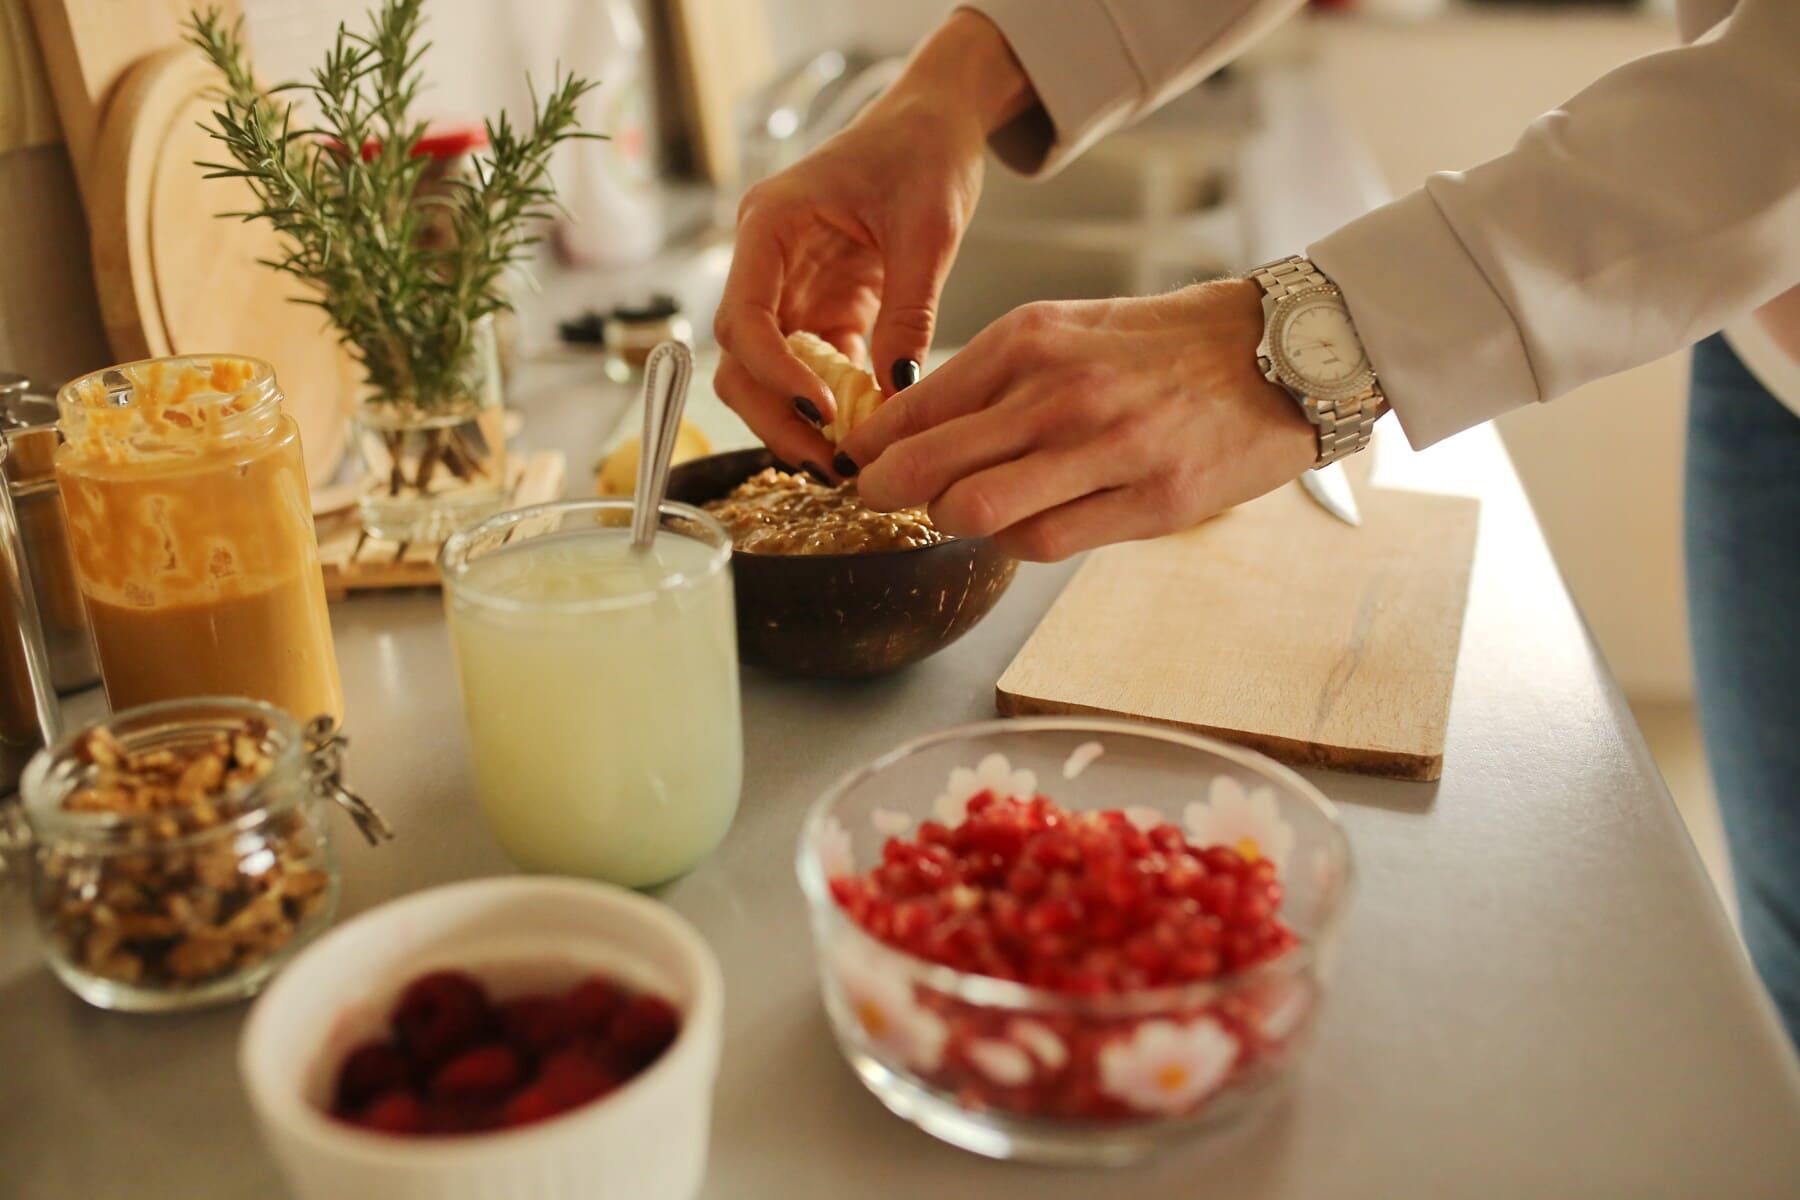 breakfast, preparation, fruit juice, fruit, lemonade, banana, food, indoors, ingredients, homemade